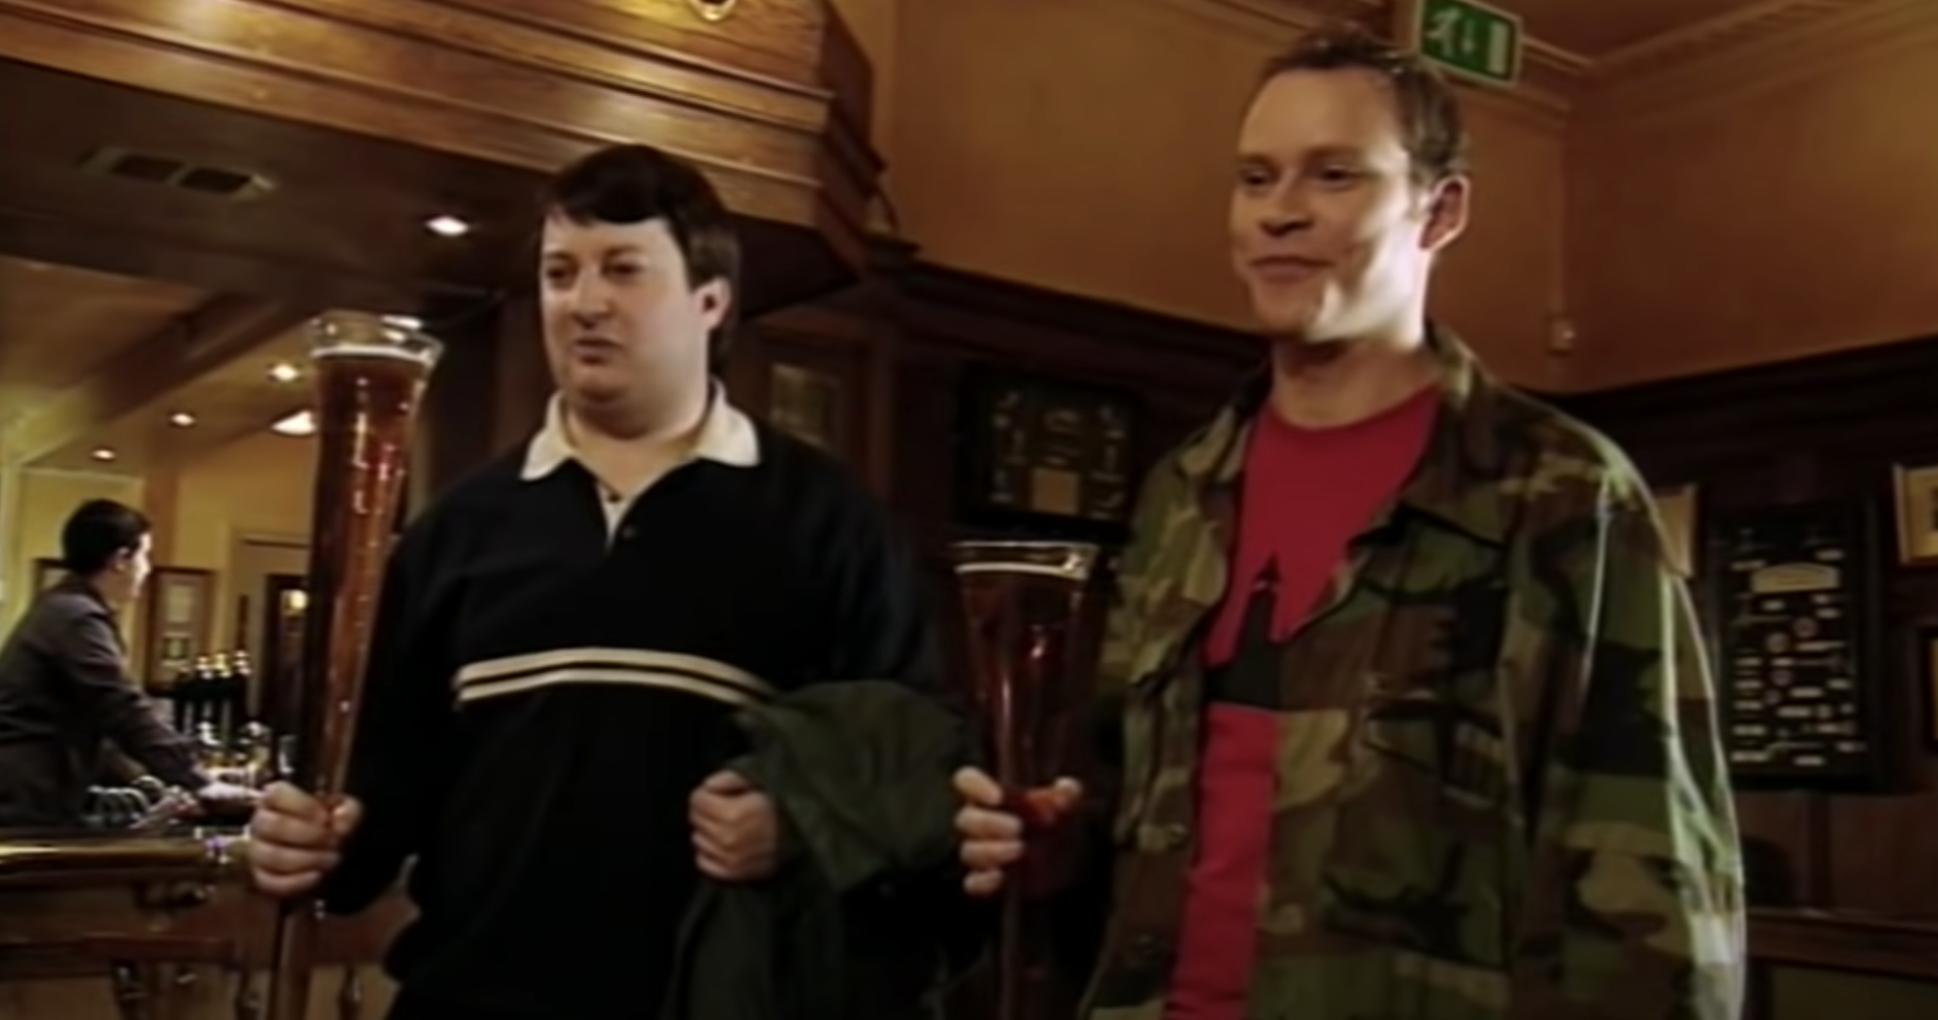 men holding large glasses of beer